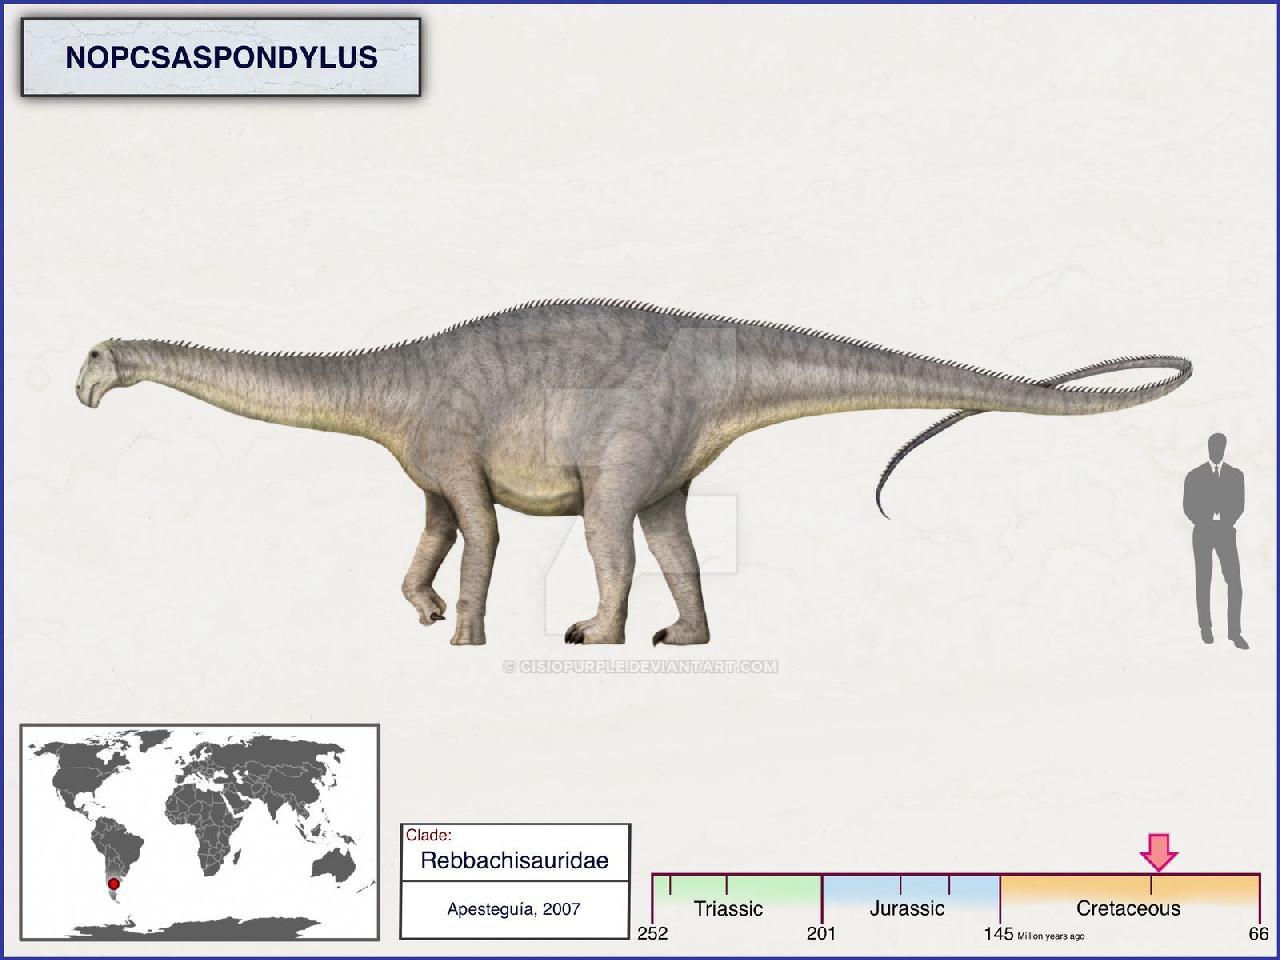 Nopcsaspondylus